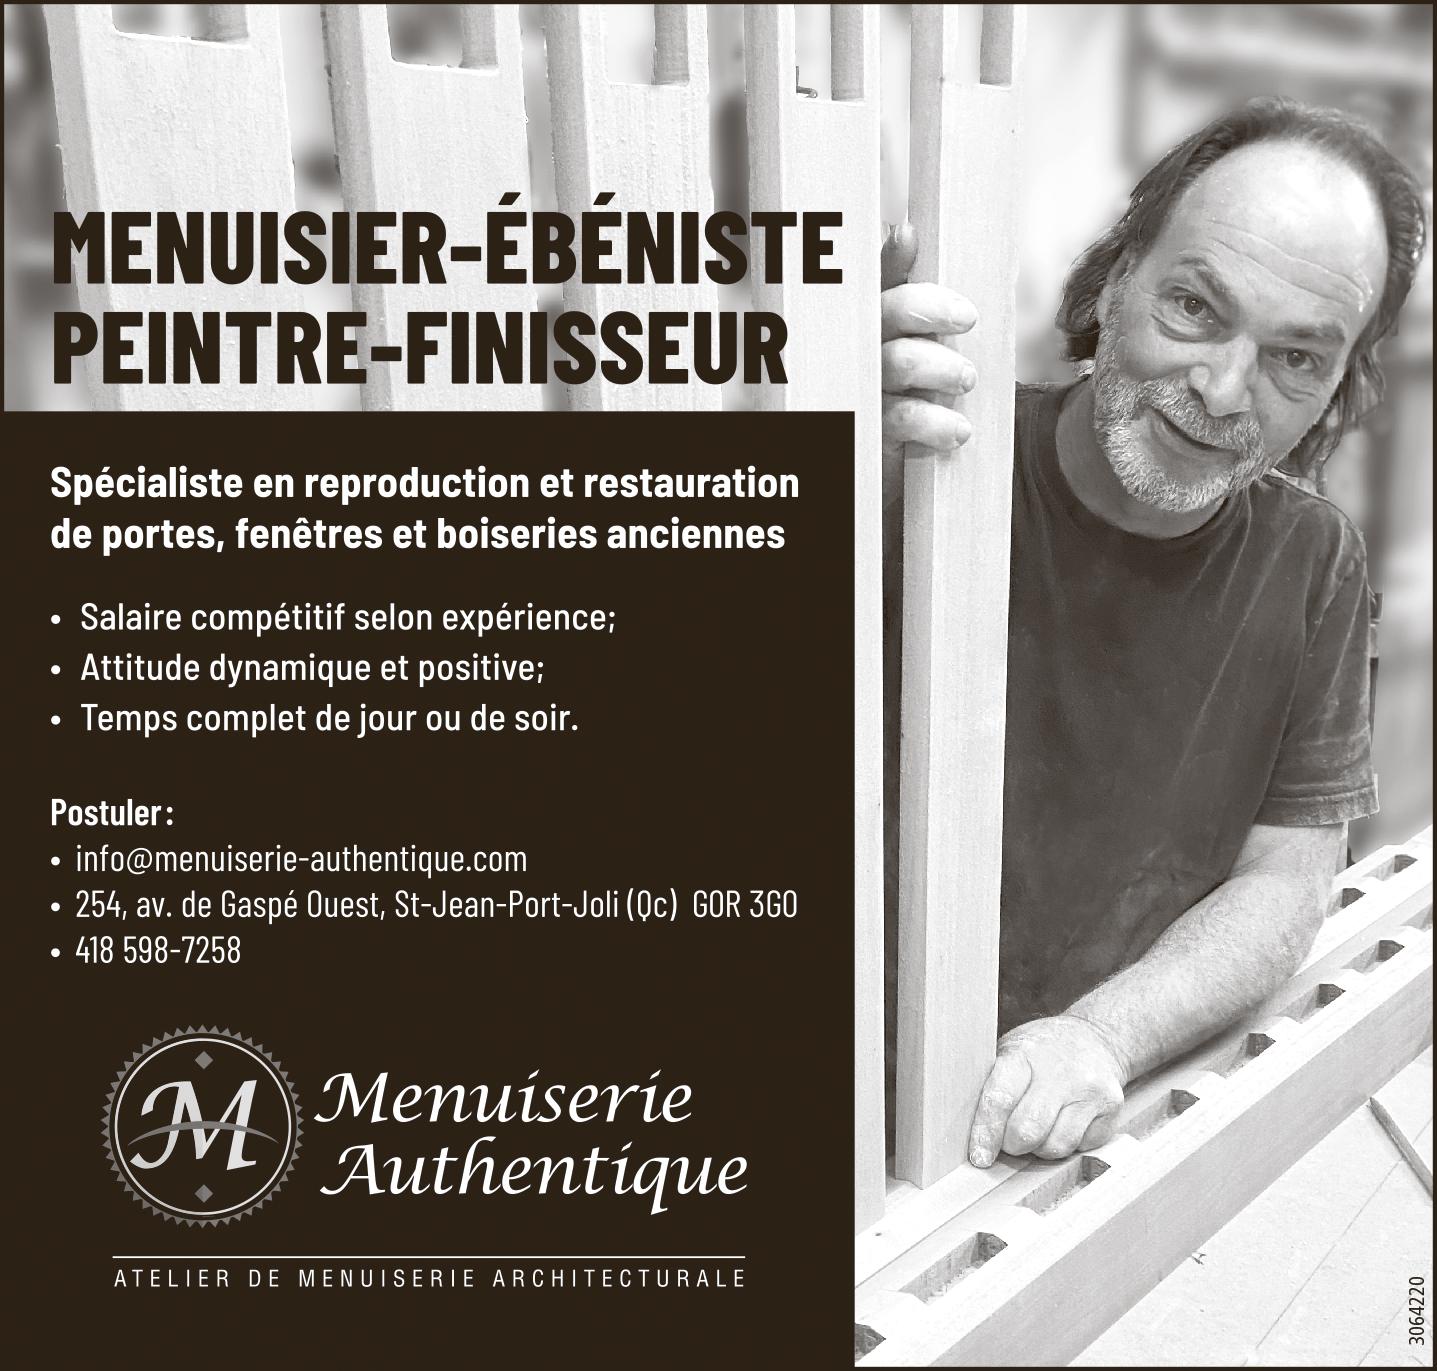 Menuisier-ébéniste / Peintre-finisseur